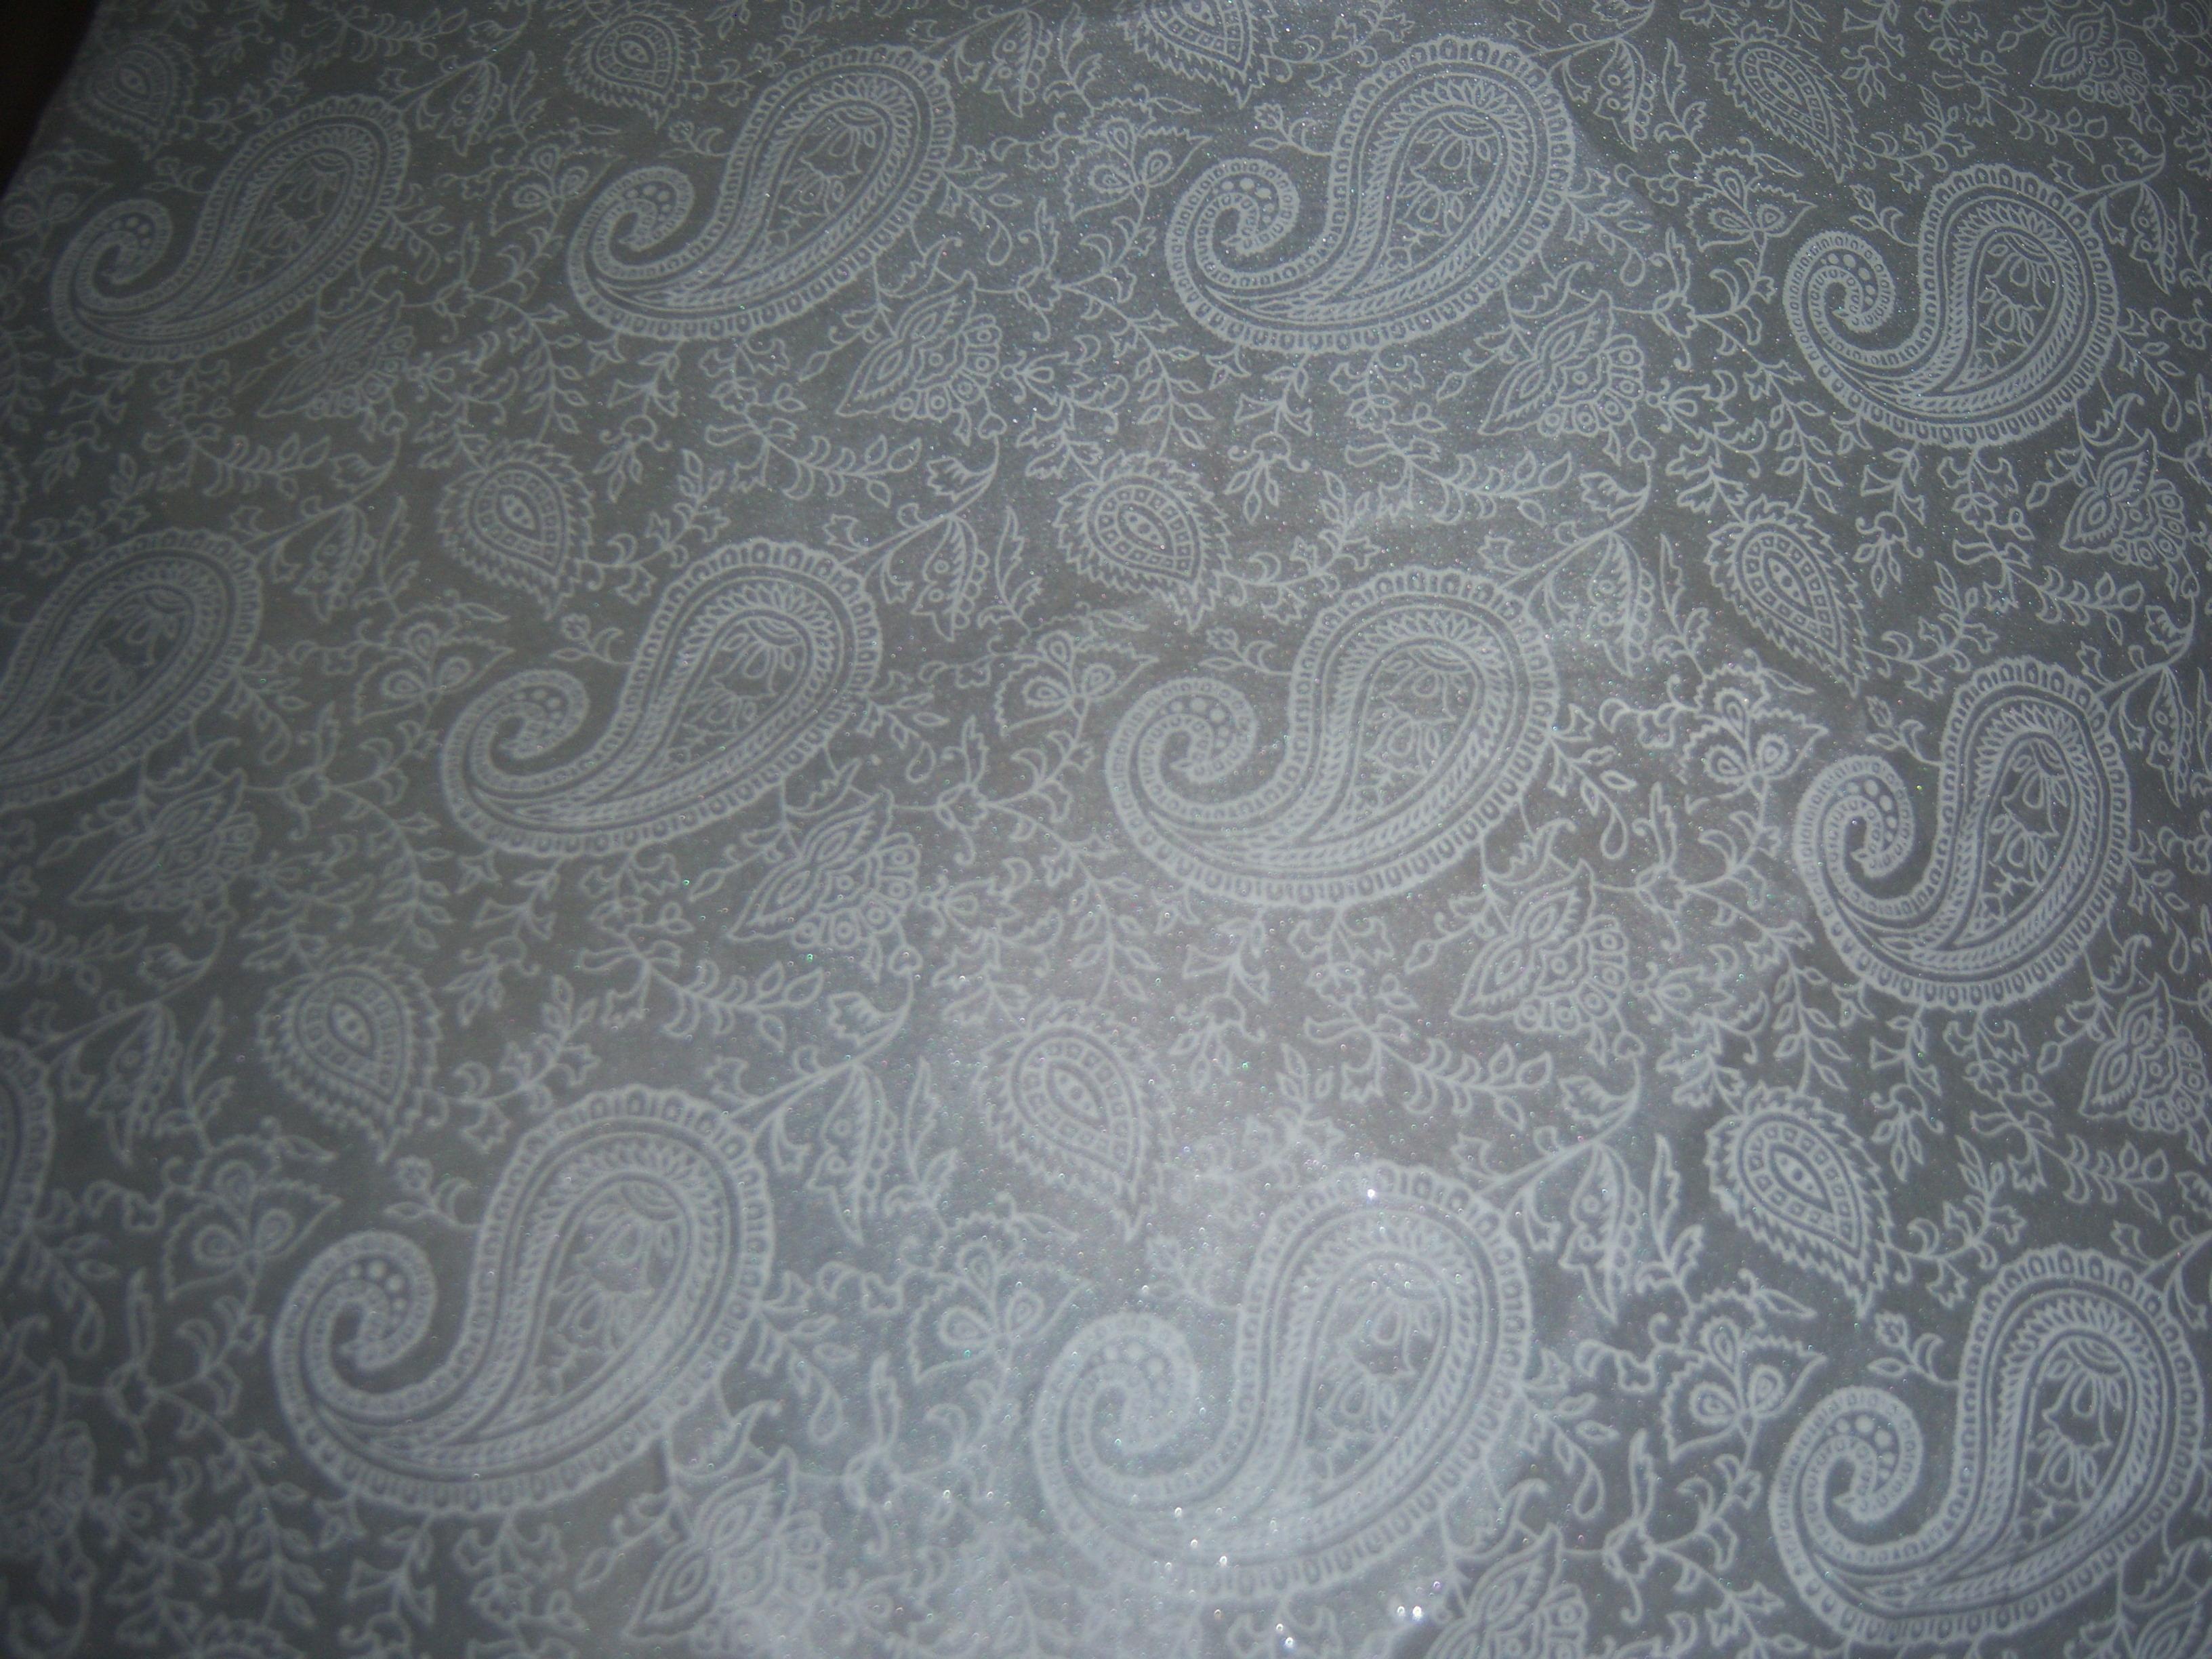 ... , printed handmade paper, printed paper, silk screen printed paper